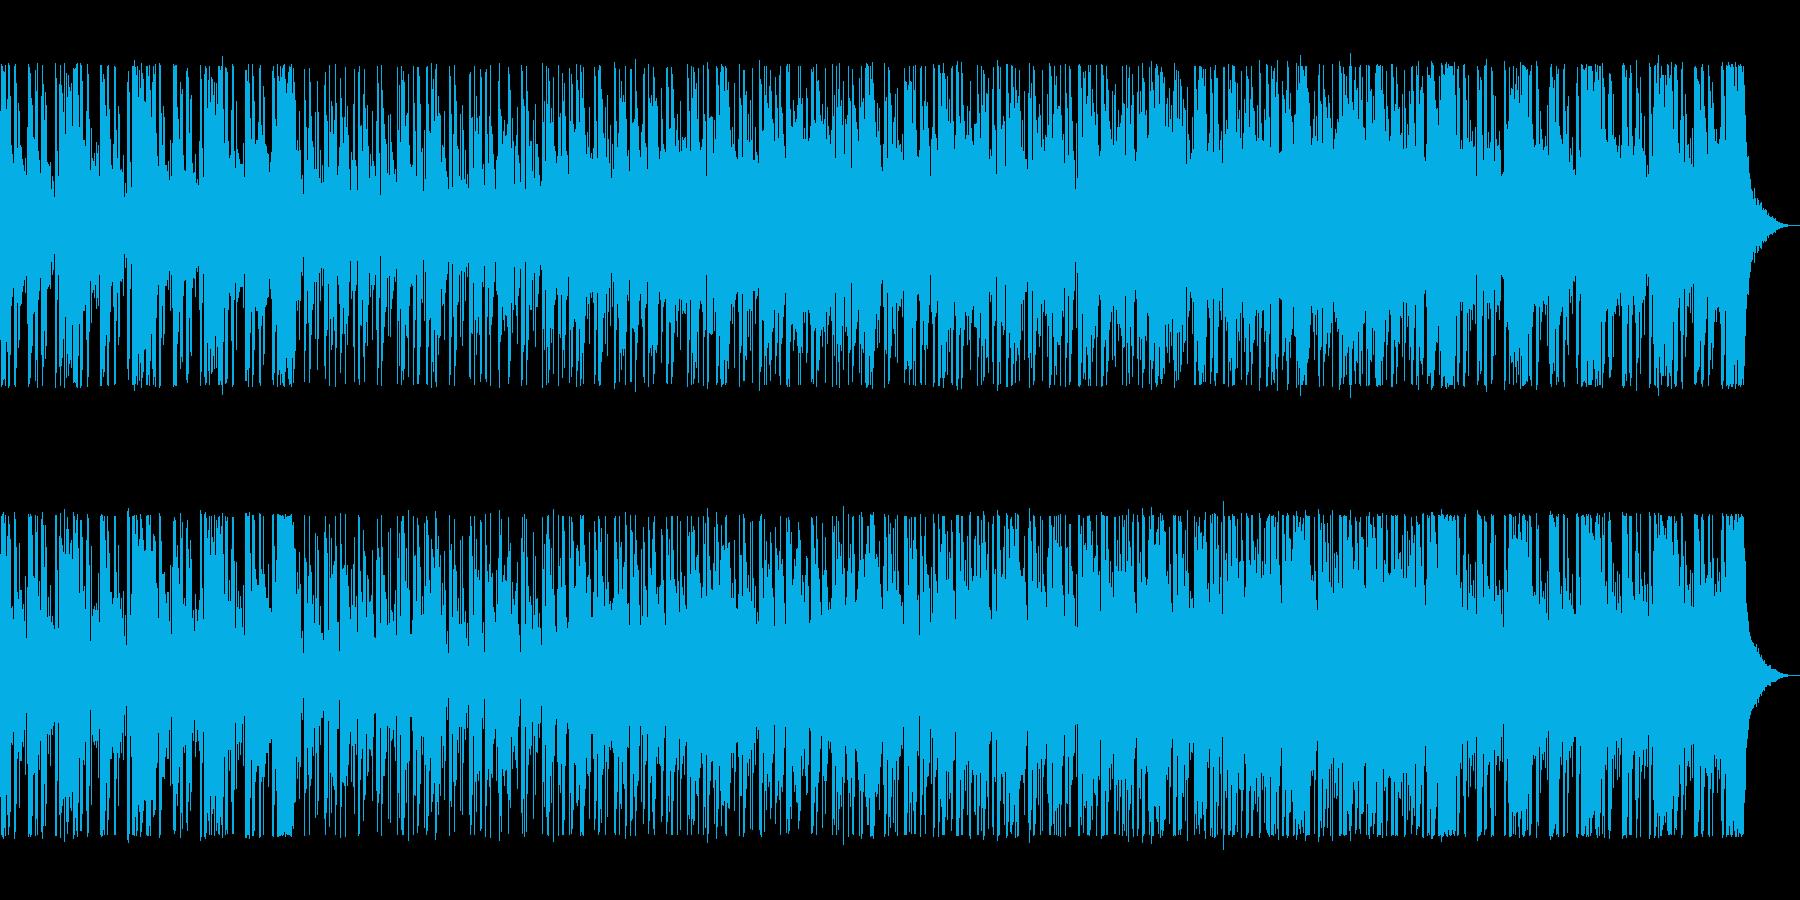 レトロな80sフュージョン・サウンドの再生済みの波形